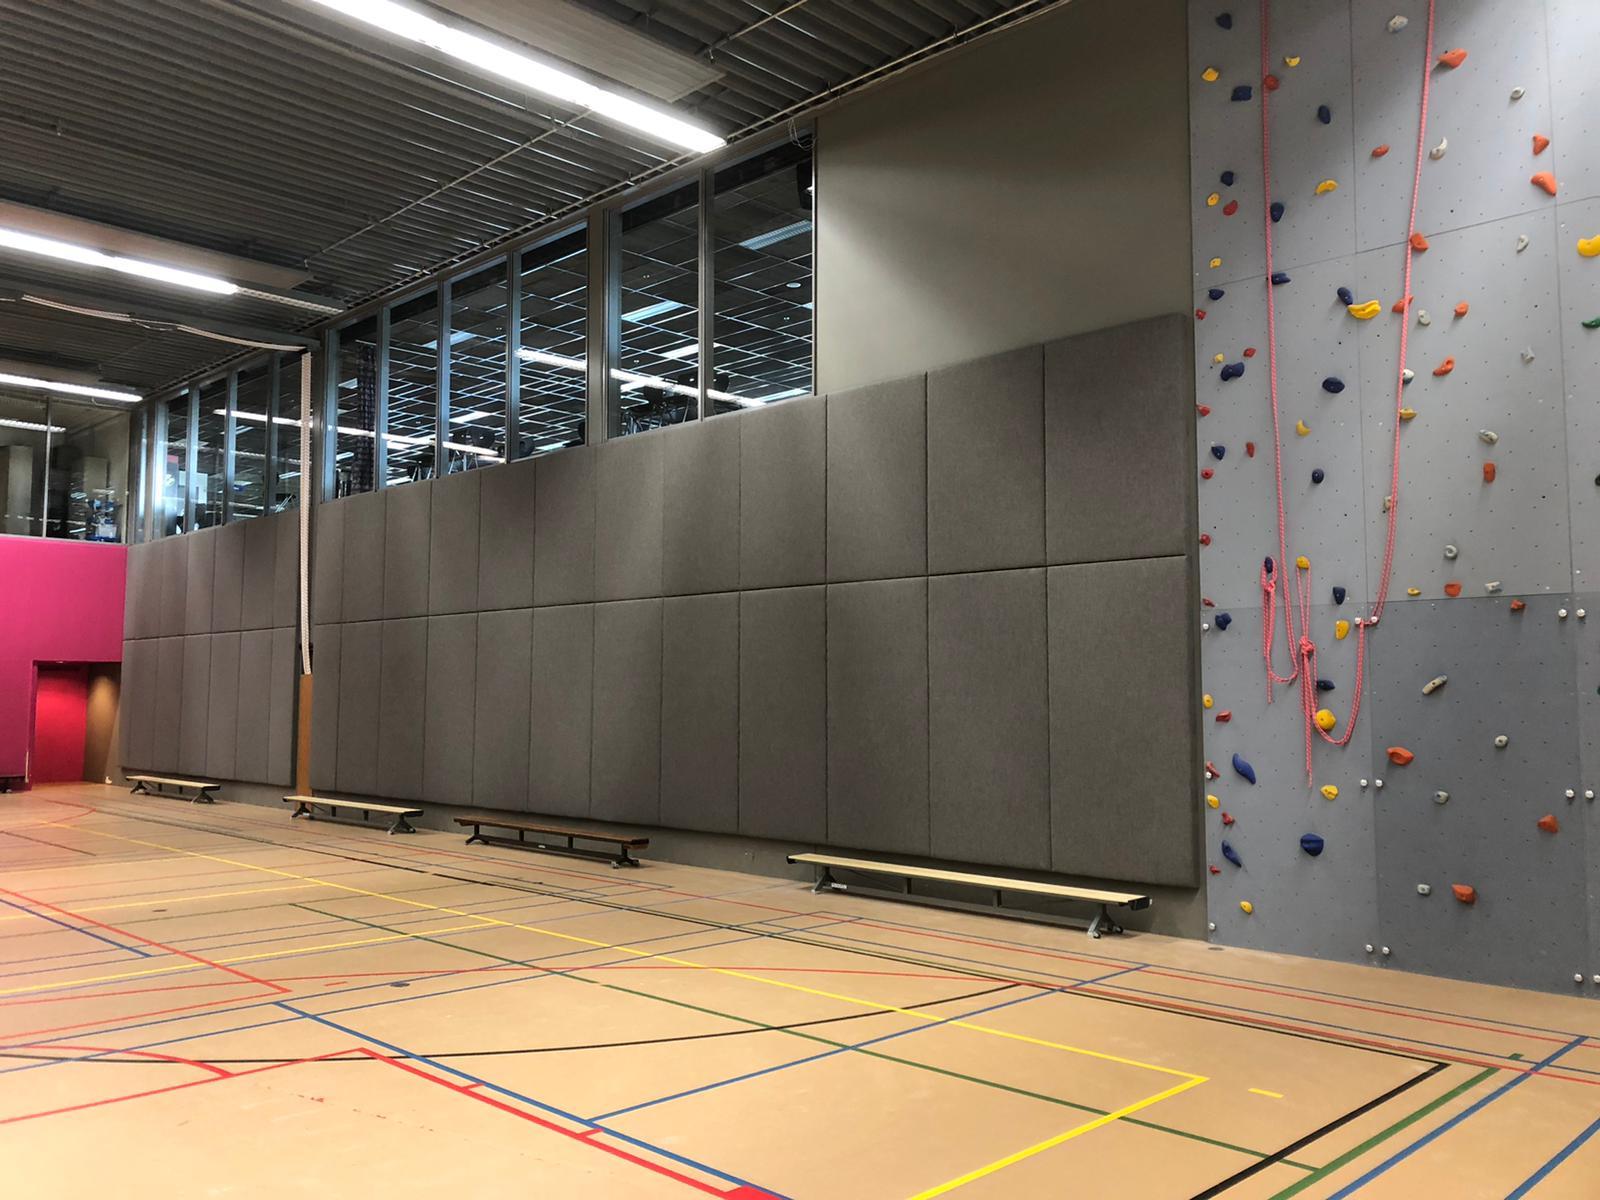 Effectieve oplossingen voor een comfortabele akoestiek in sporthallen en gymzalen